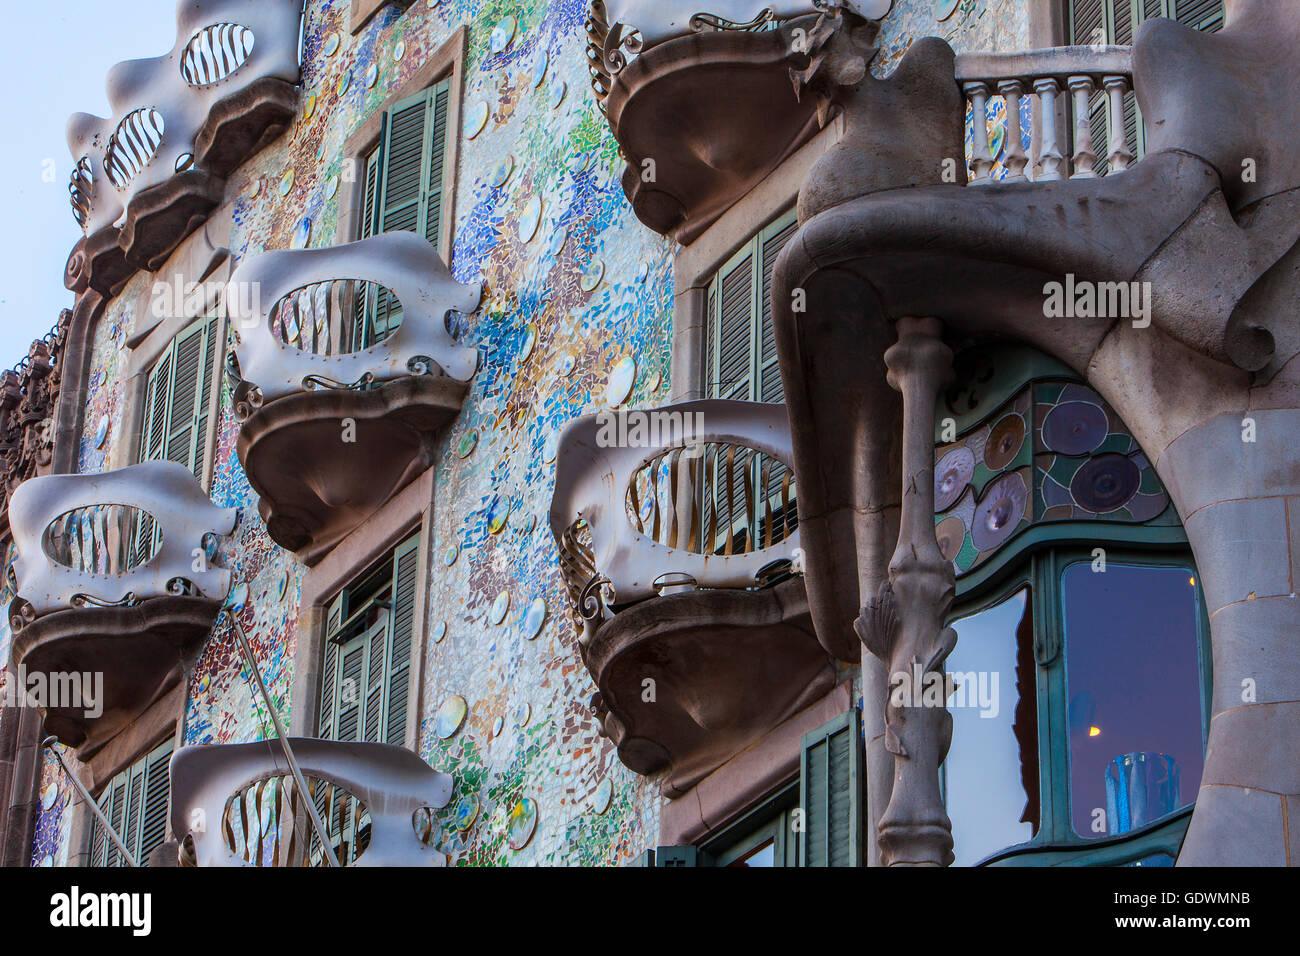 Casa Batllo (Batllo House) by Antonio Gaudi, Barcelona, Spain - Stock Image